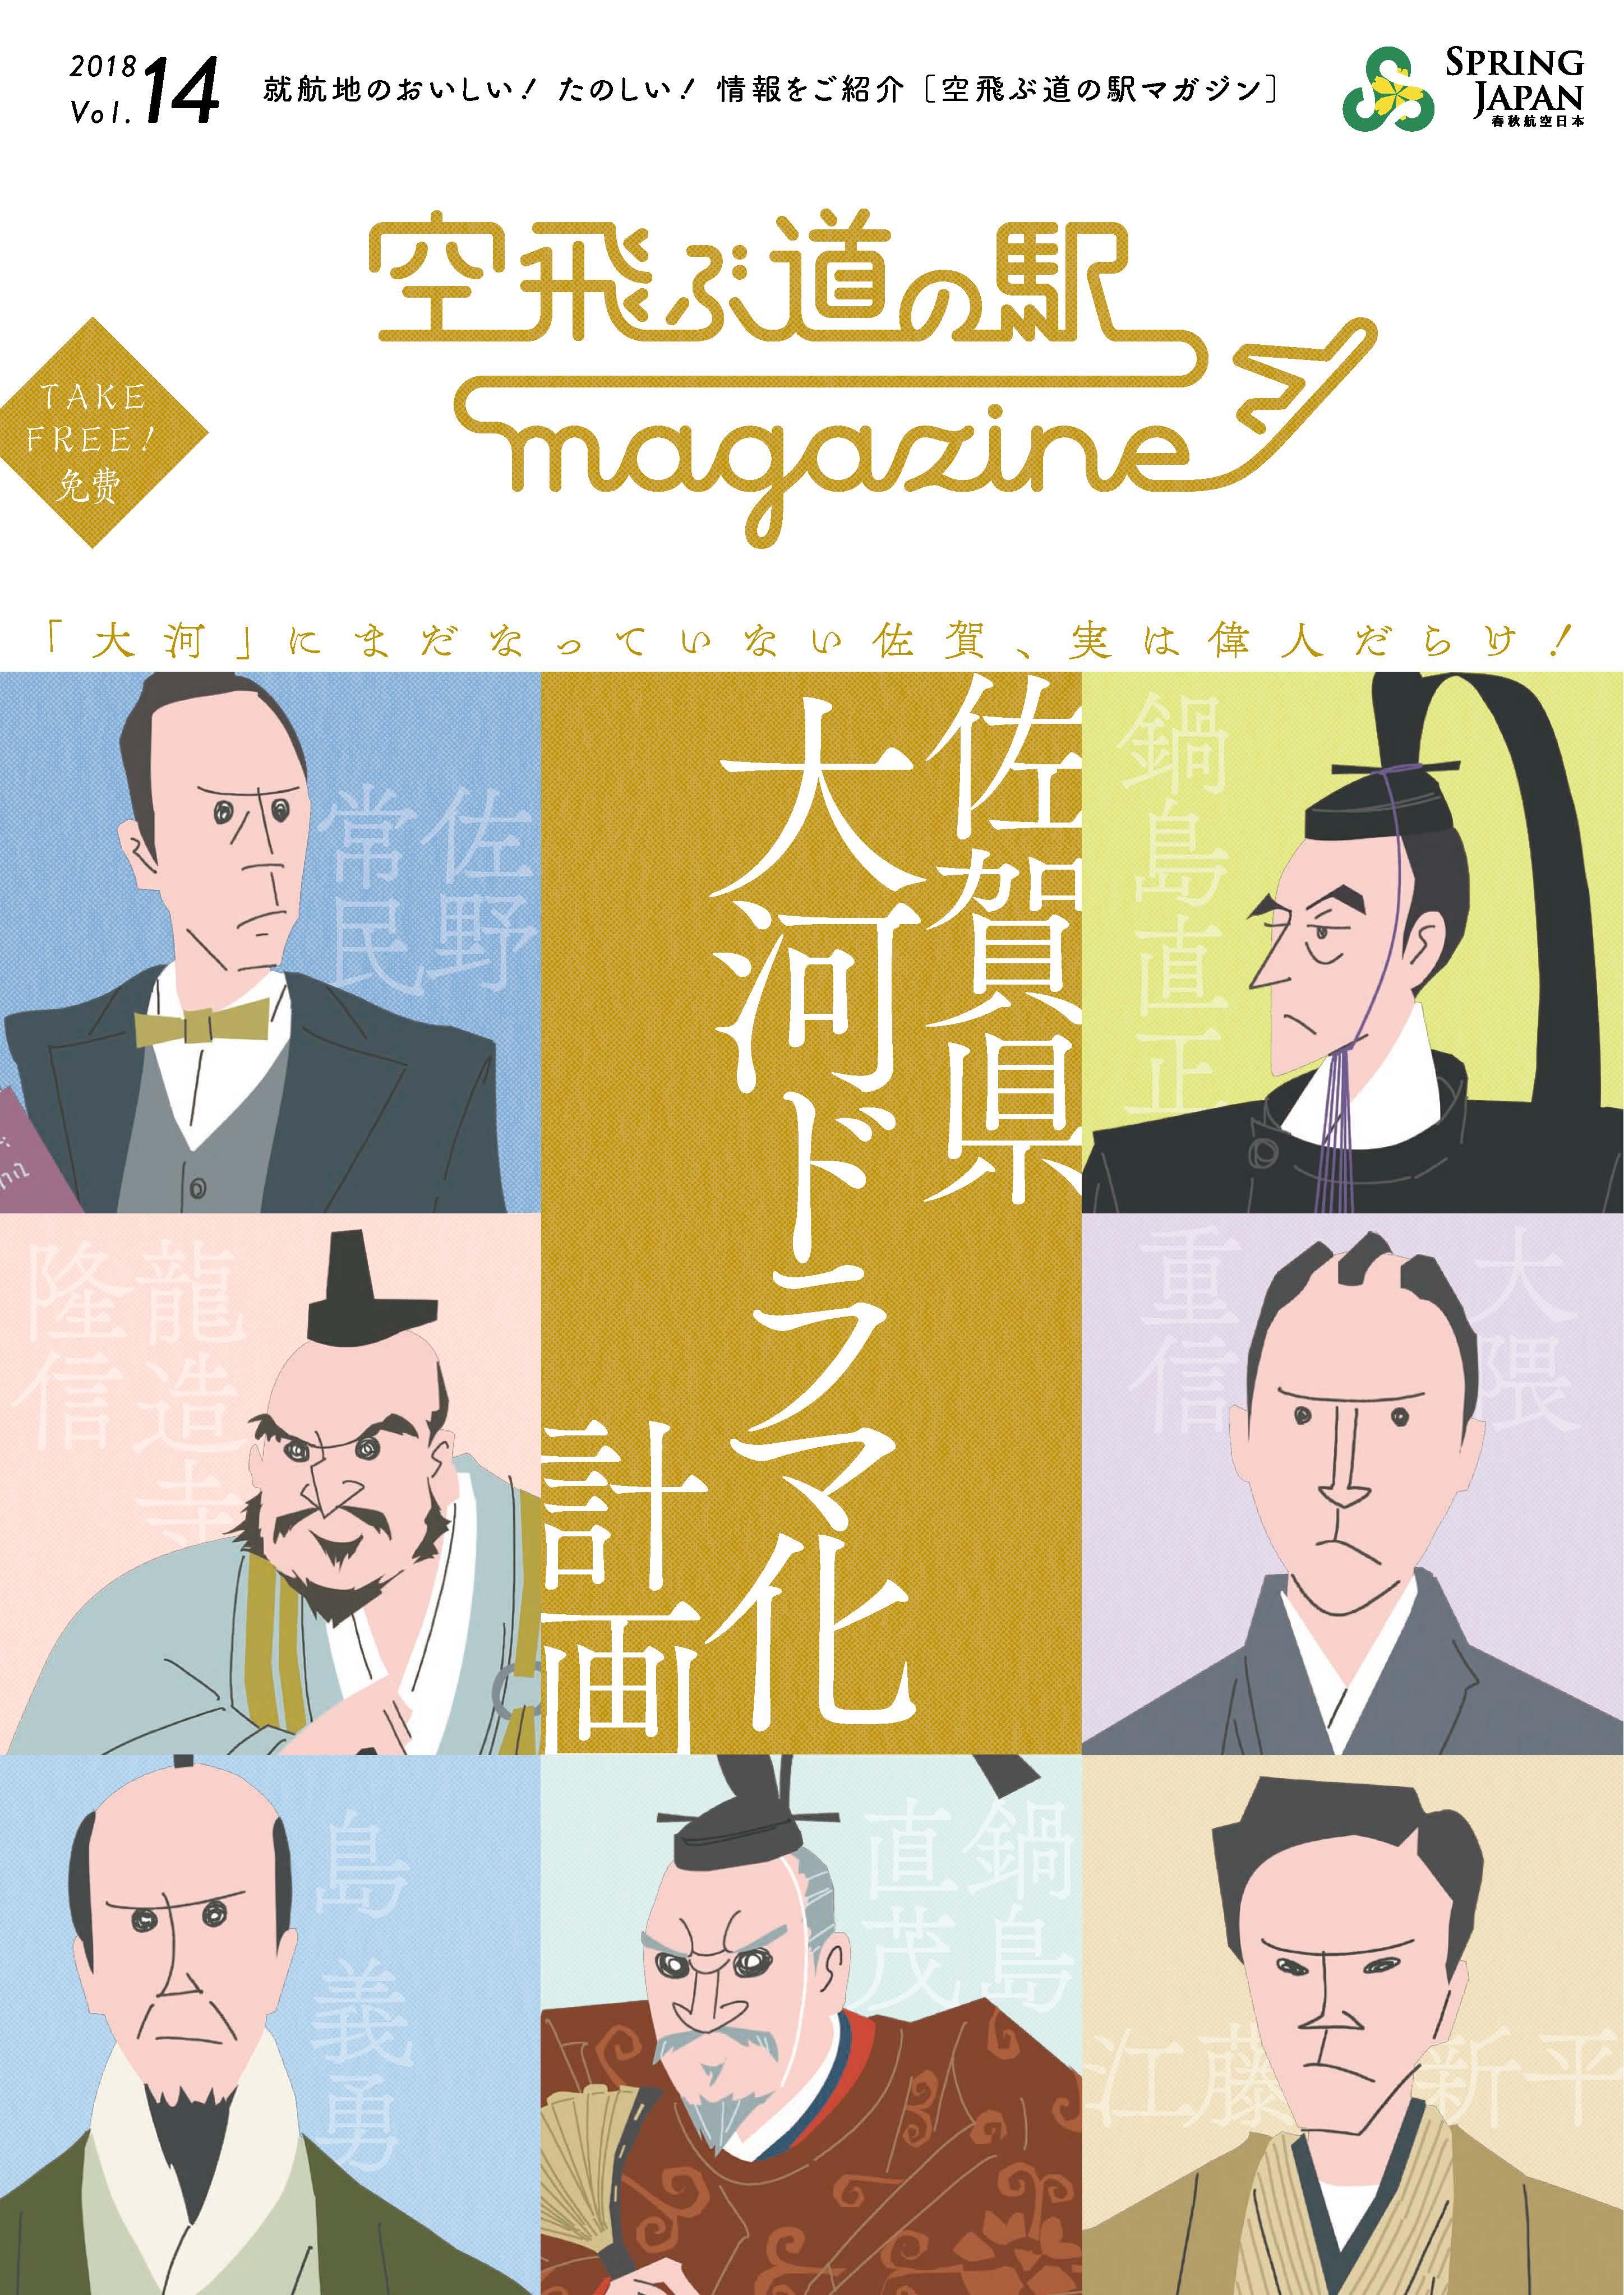 春秋航空日本機内誌 最新見本(4/1発行号)を更新しました!